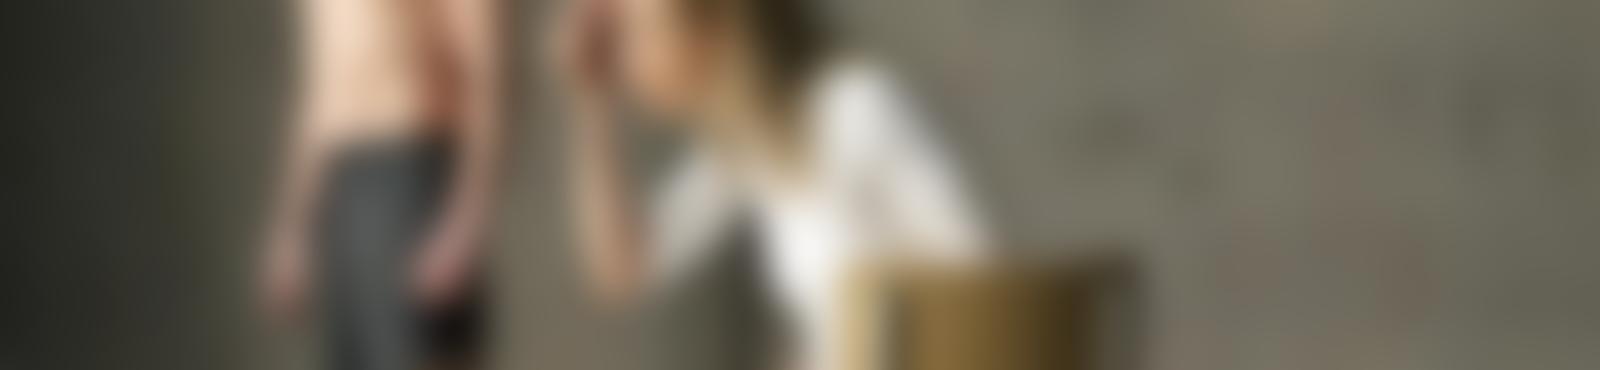 Blurred 8c22eb55 4d2b 4f22 952c 3f953e97ba7d